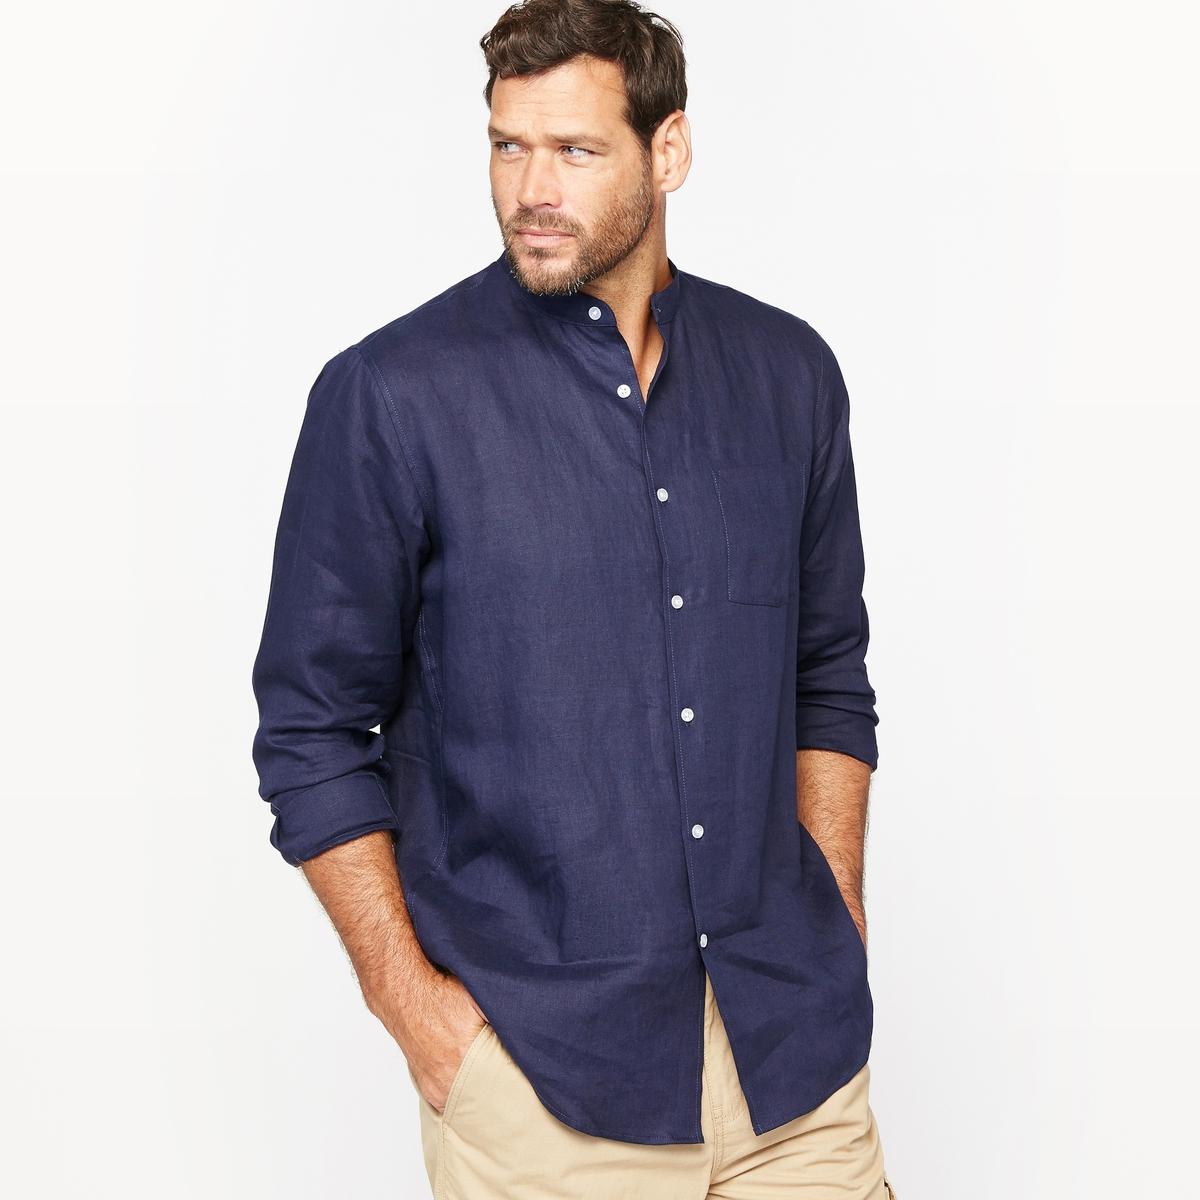 Рубашка с длинными рукавами и воротником-стойкой из льнаРубашка с воротником-стойкой. Длинные рукава. 1 накладной нагрудный карман. Закругленный низ. Складка с полоской ткани на спинке. 100% лен. - длина рубашки спереди : 85 см для размера 41/42 и 93 см для размера 57/58.- длина рукавов : 67 см<br><br>Цвет: белый,темно-синий<br>Размер: 55/56.51/52.43/44